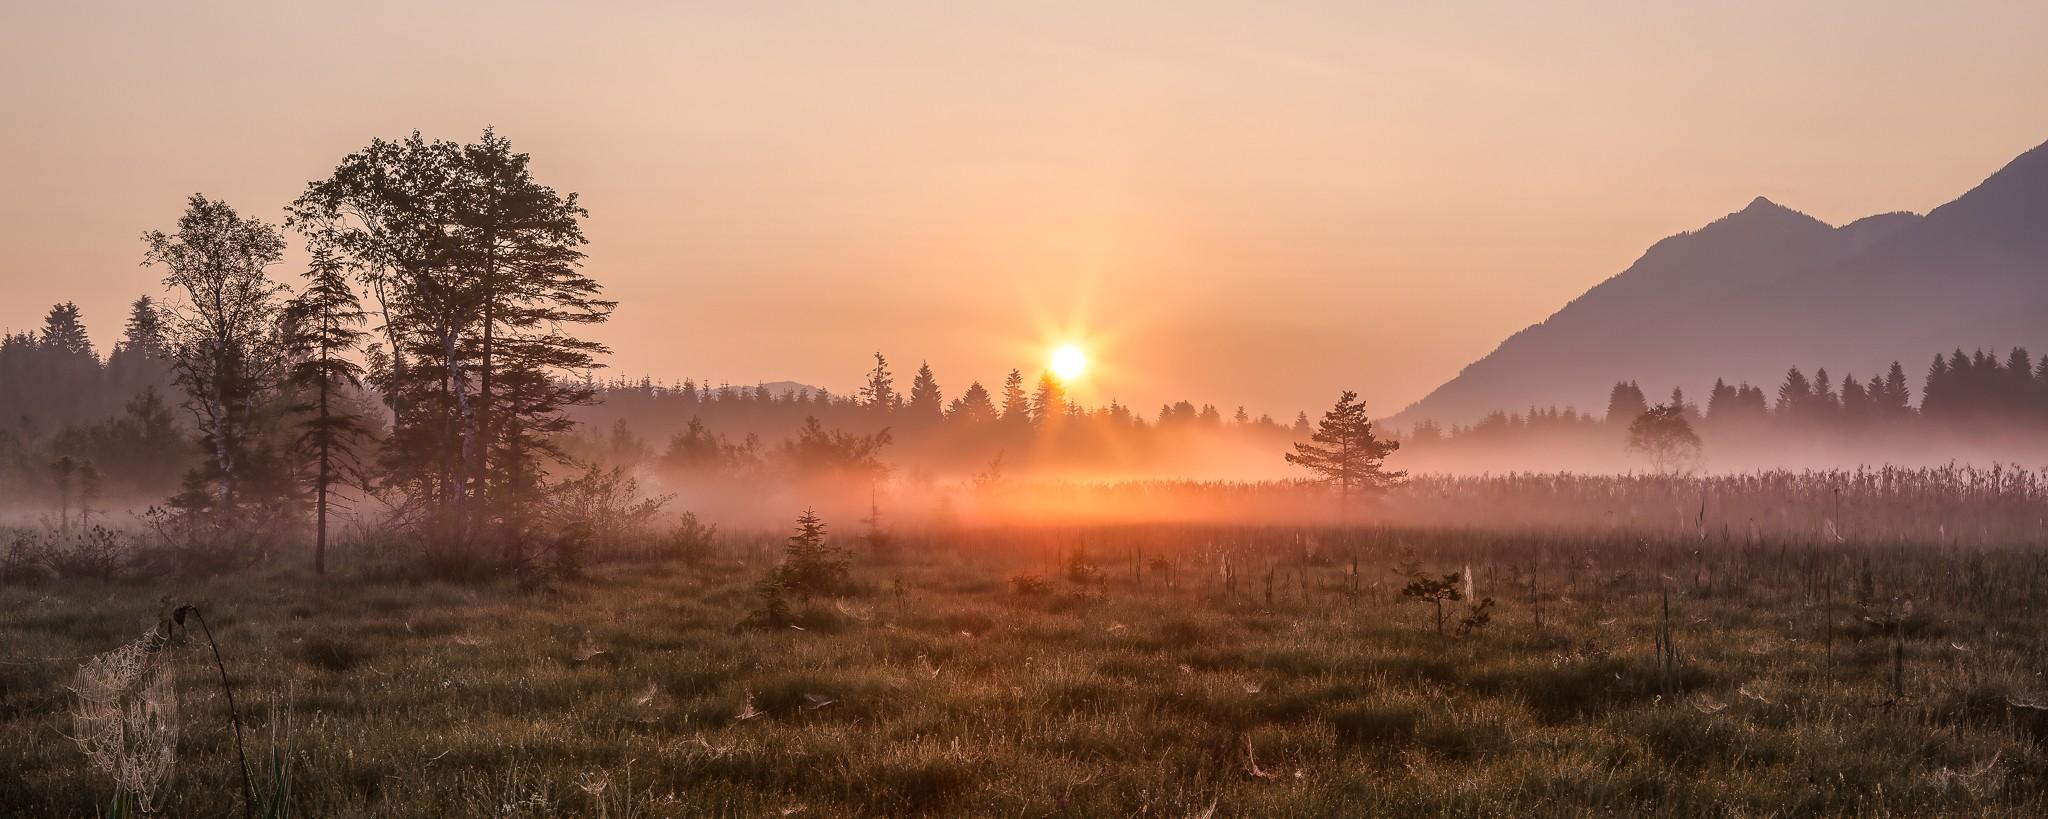 Auf den Gräsern und Spinnweben haftet der Morgentau, der Bodennebel löst sich mit dem Sonnenaufgang gerade auf und der Tag beginnt.